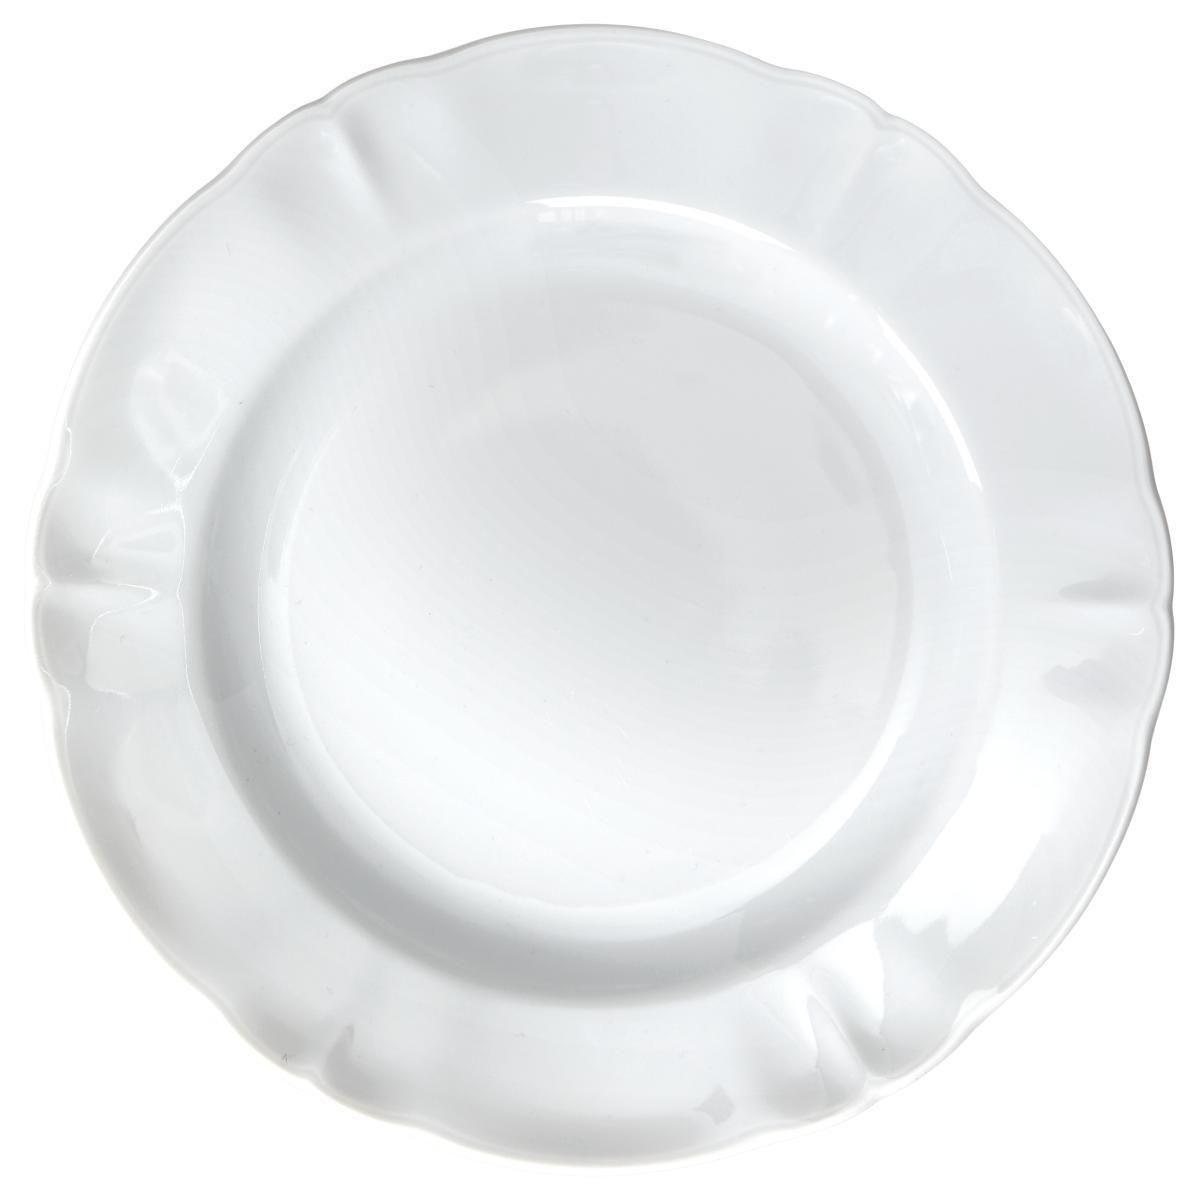 Desszertes Tányér Jesko - fehér, konvencionális, kerámia (21cm) - OMBRA